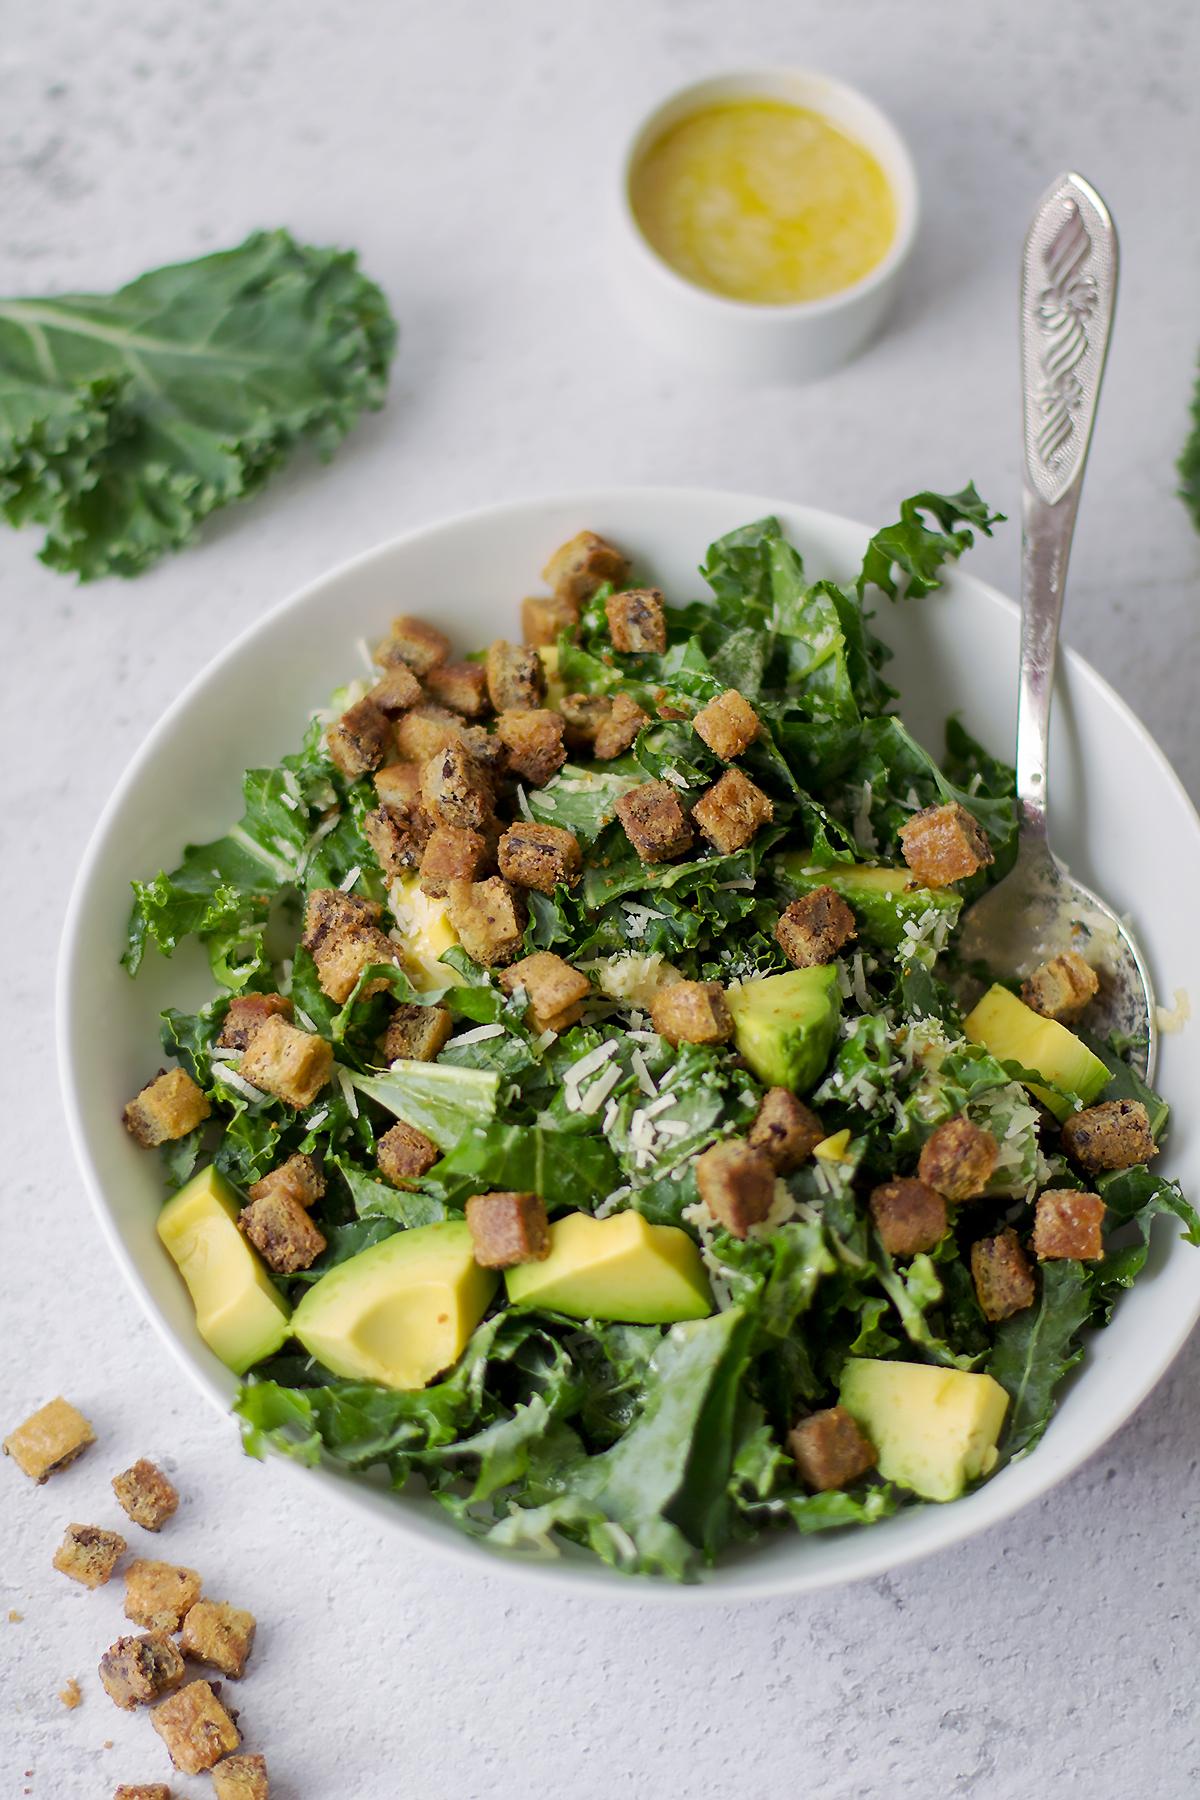 jarmuż w diecie sałatka zdrowe jedzenie lchf dieta keto